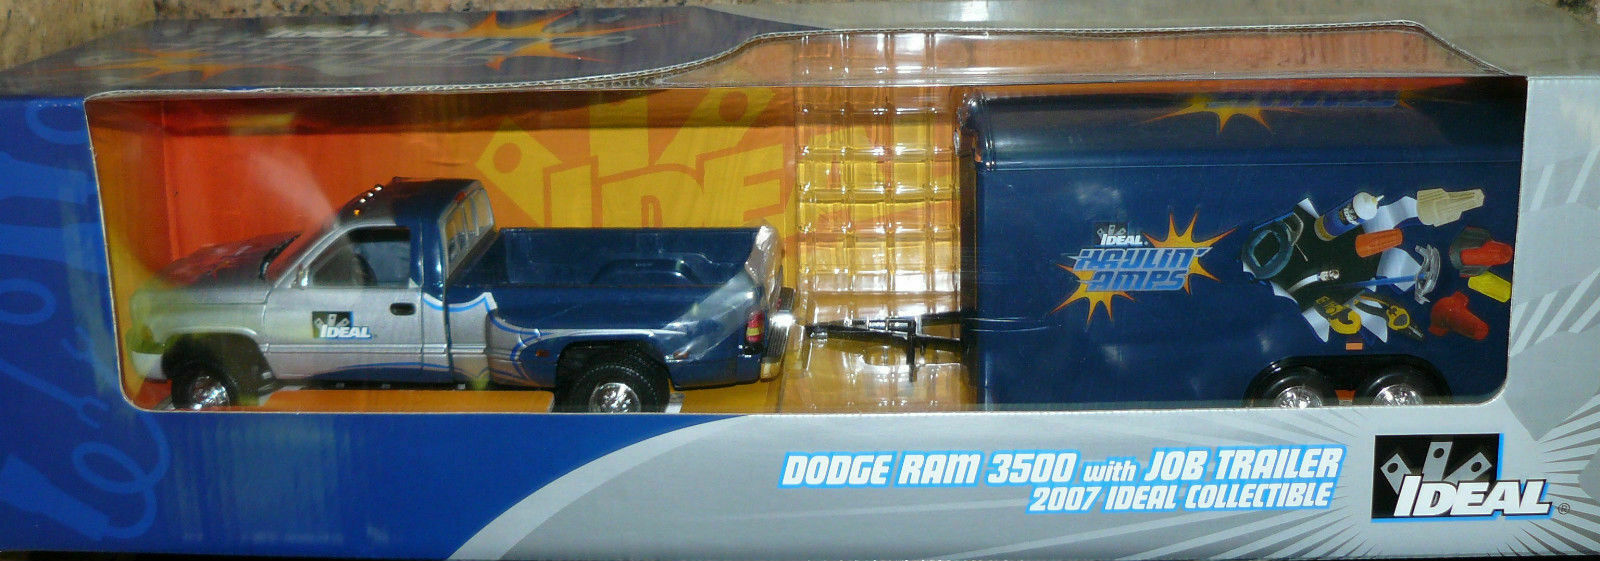 1  18 Dodge två gånger med slutet släpfordon, mycket svårt att hitta, AS,